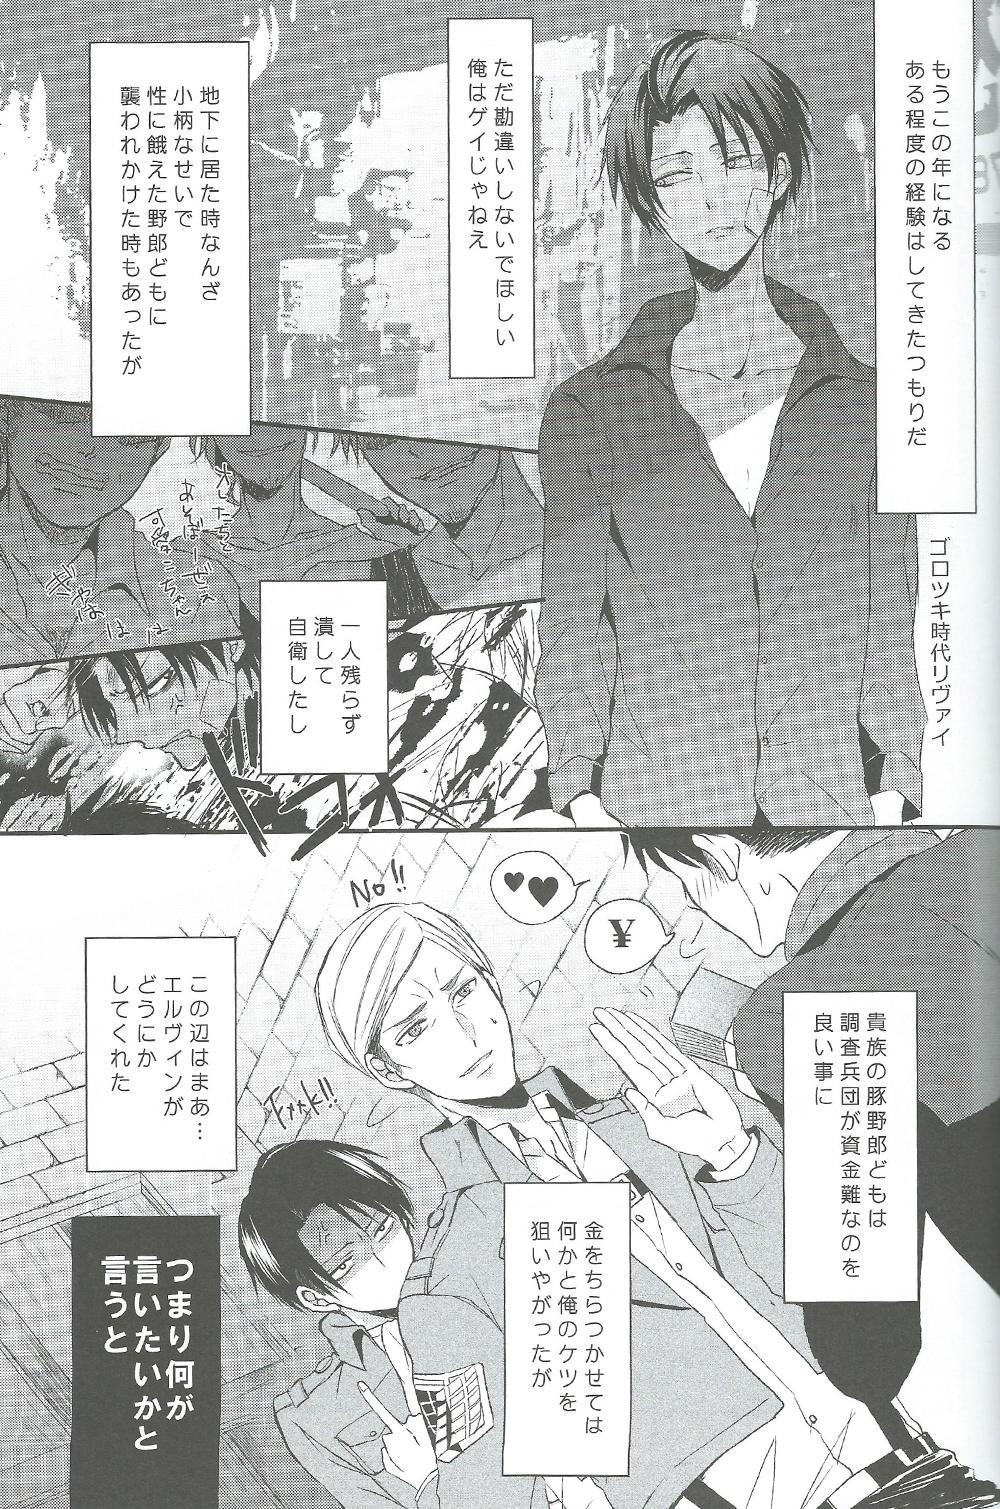 Yandere no Heichou ni Sinuhodo Aisarete yoru mo Nemurenai 9